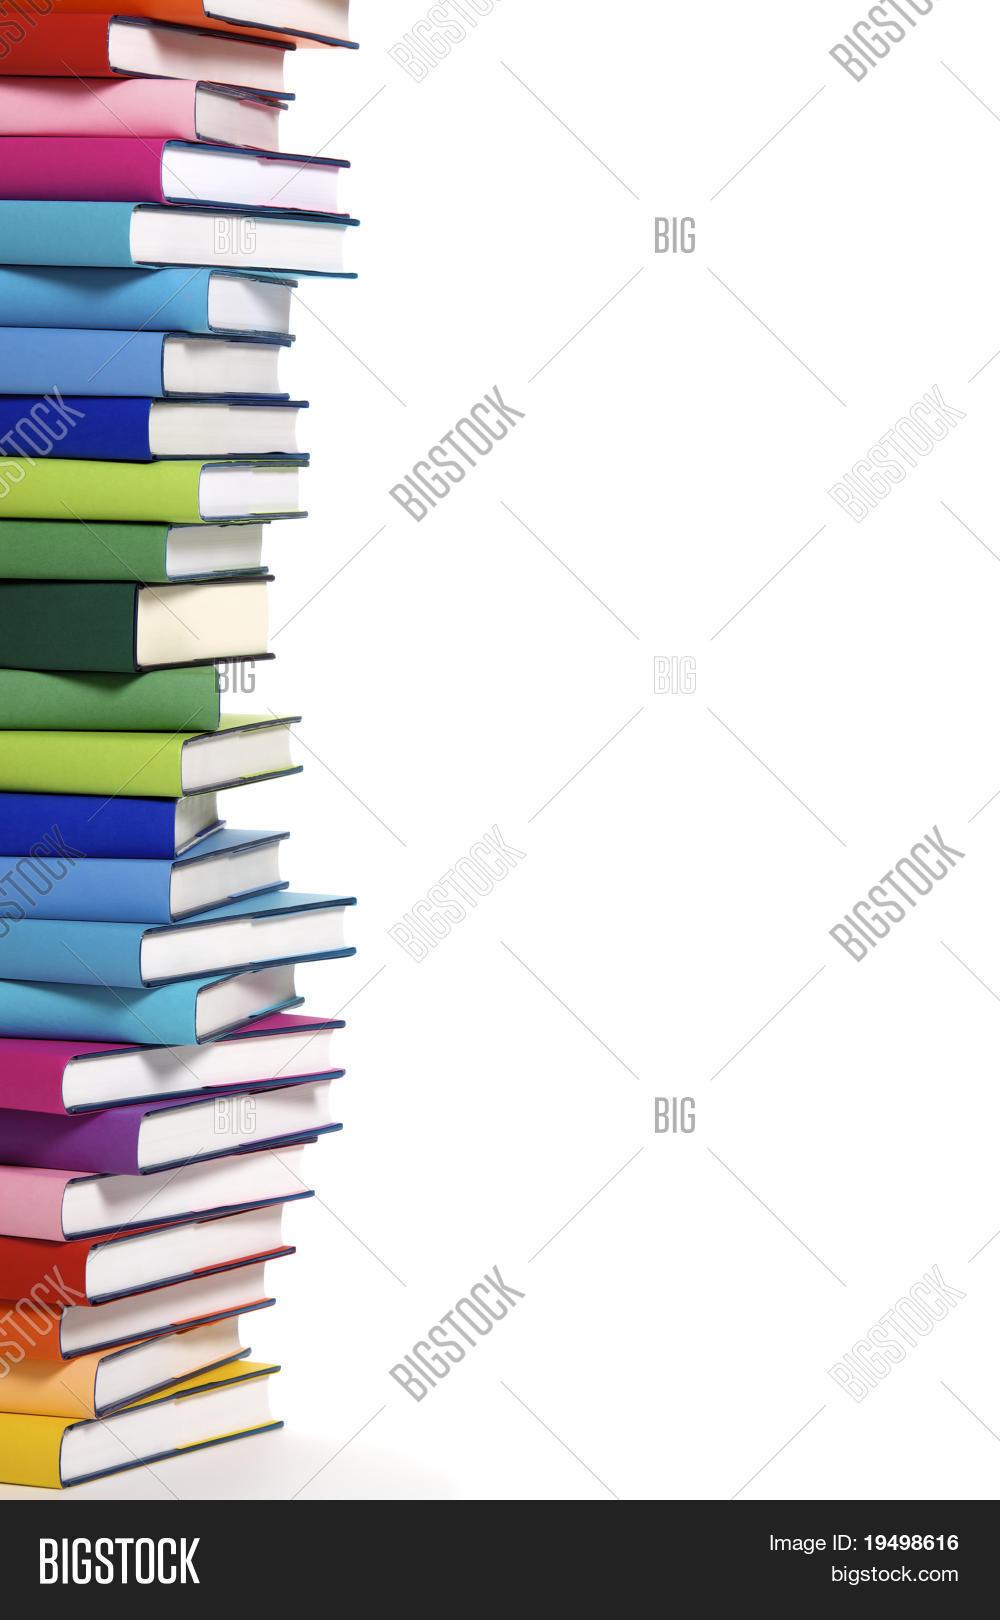 Imagen y foto Pila De Libros (prueba gratis) | Bigstock